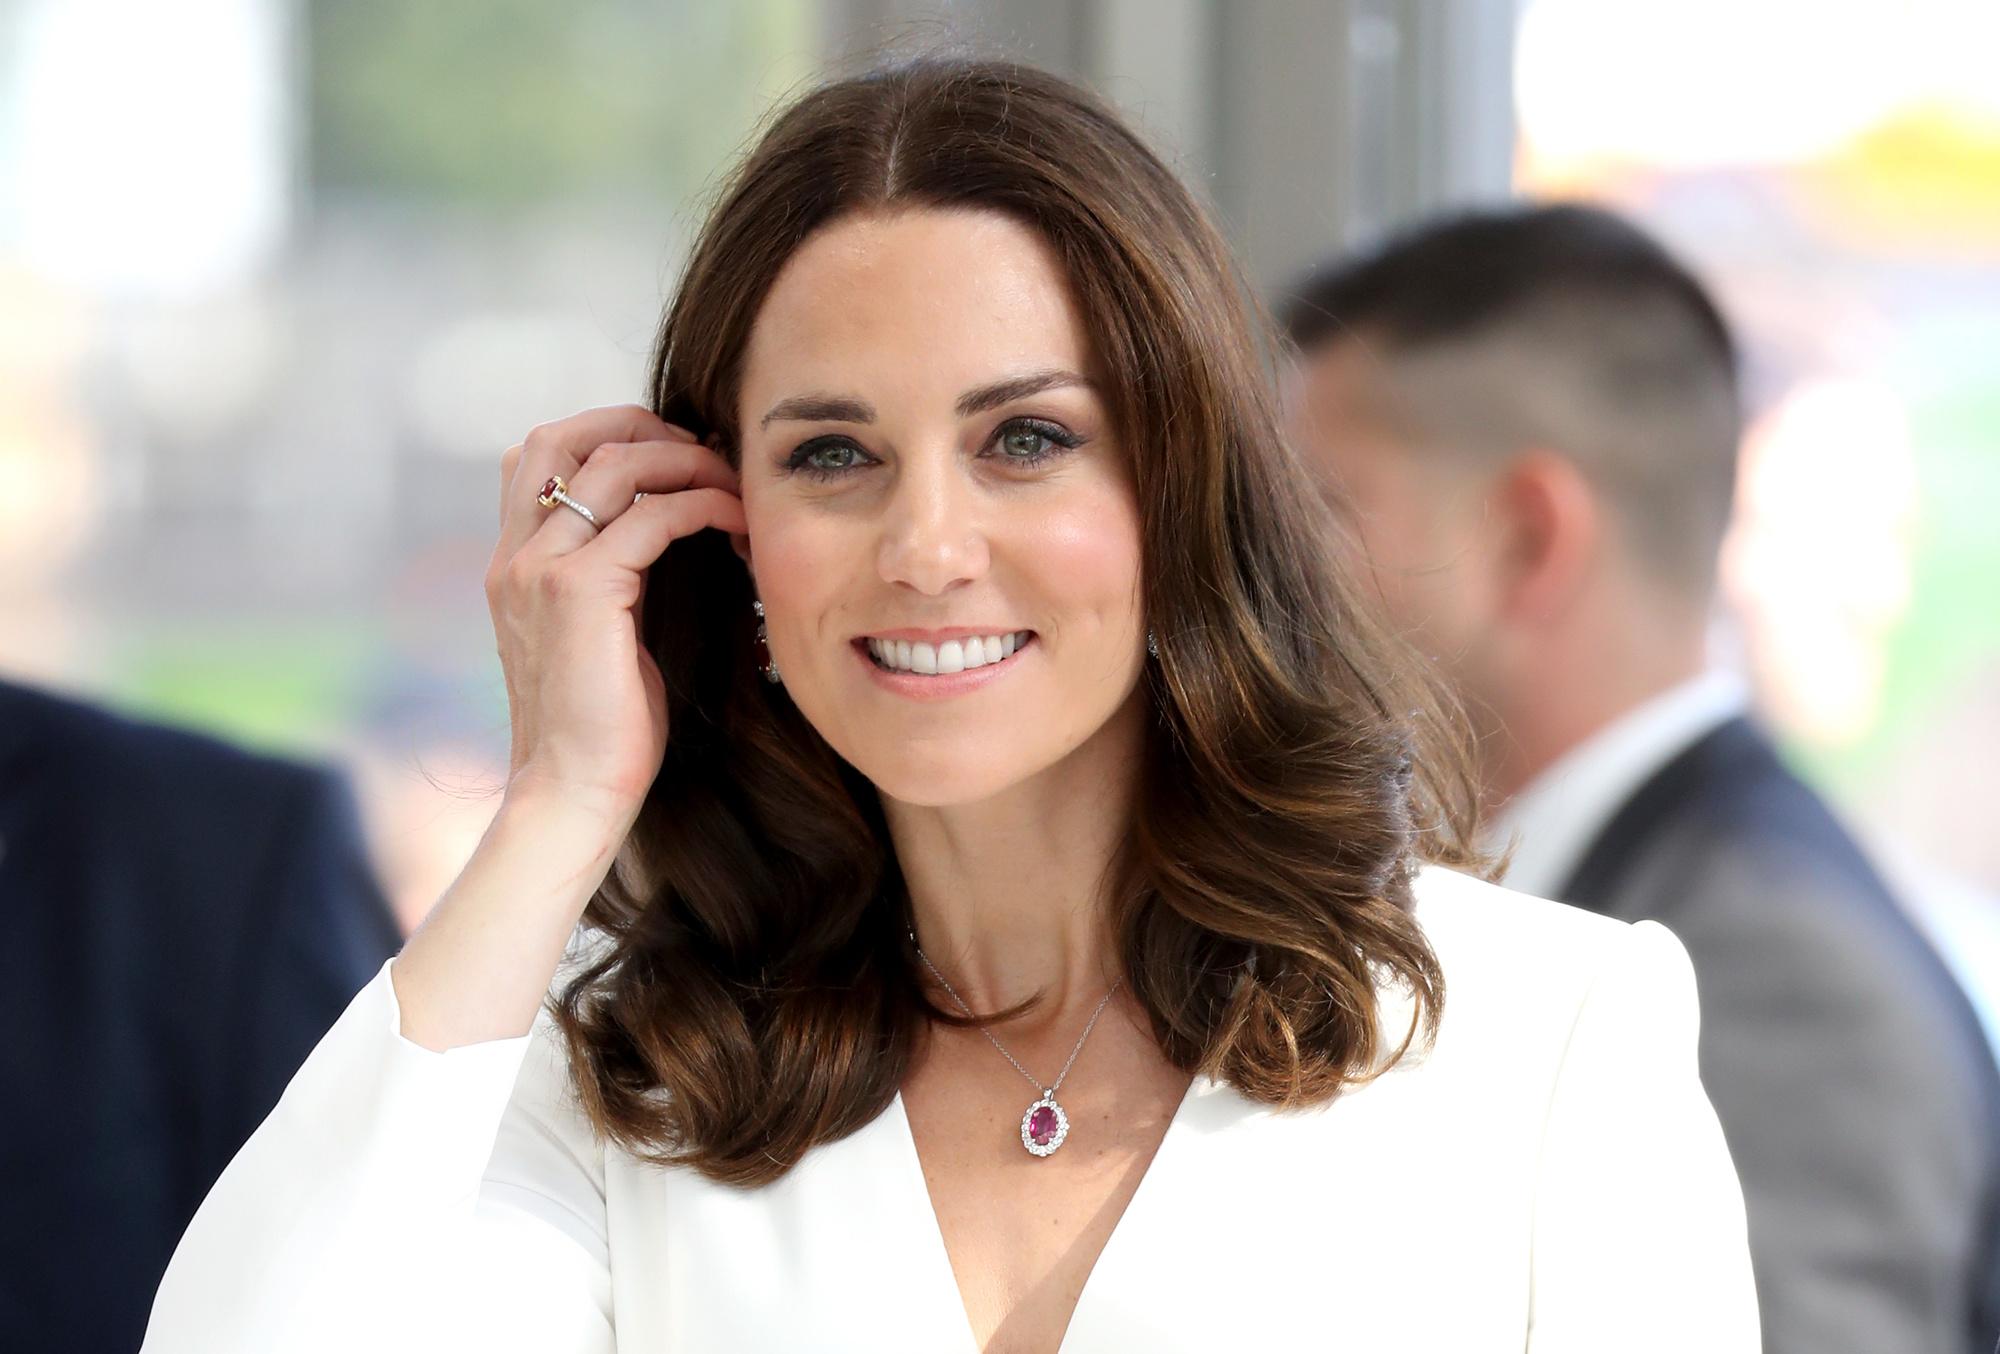 Отдохнувшая Кейт Миддлтон начала с благотворительности: герцогиня помогла детям из малообеспеченных семей